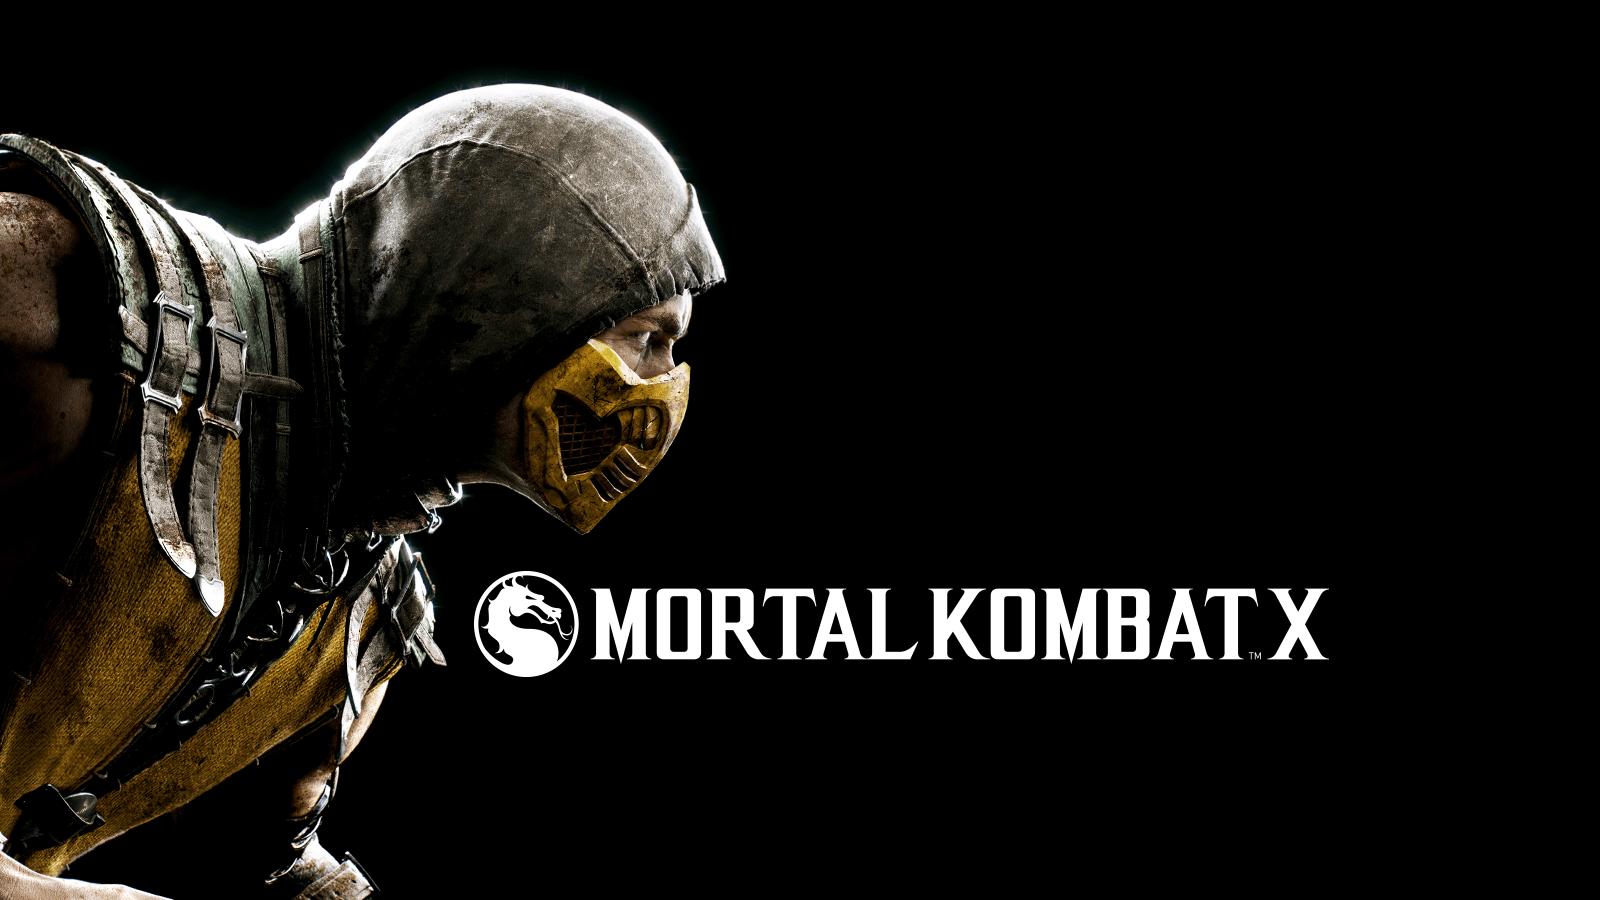 Mortal Kombat X arrive bientôt sur Android